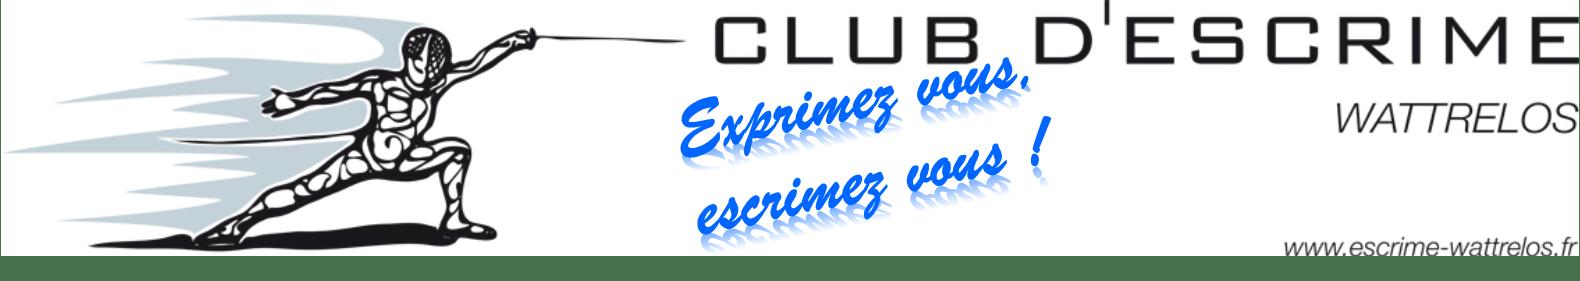 Club d'Escrime de Wattrelos